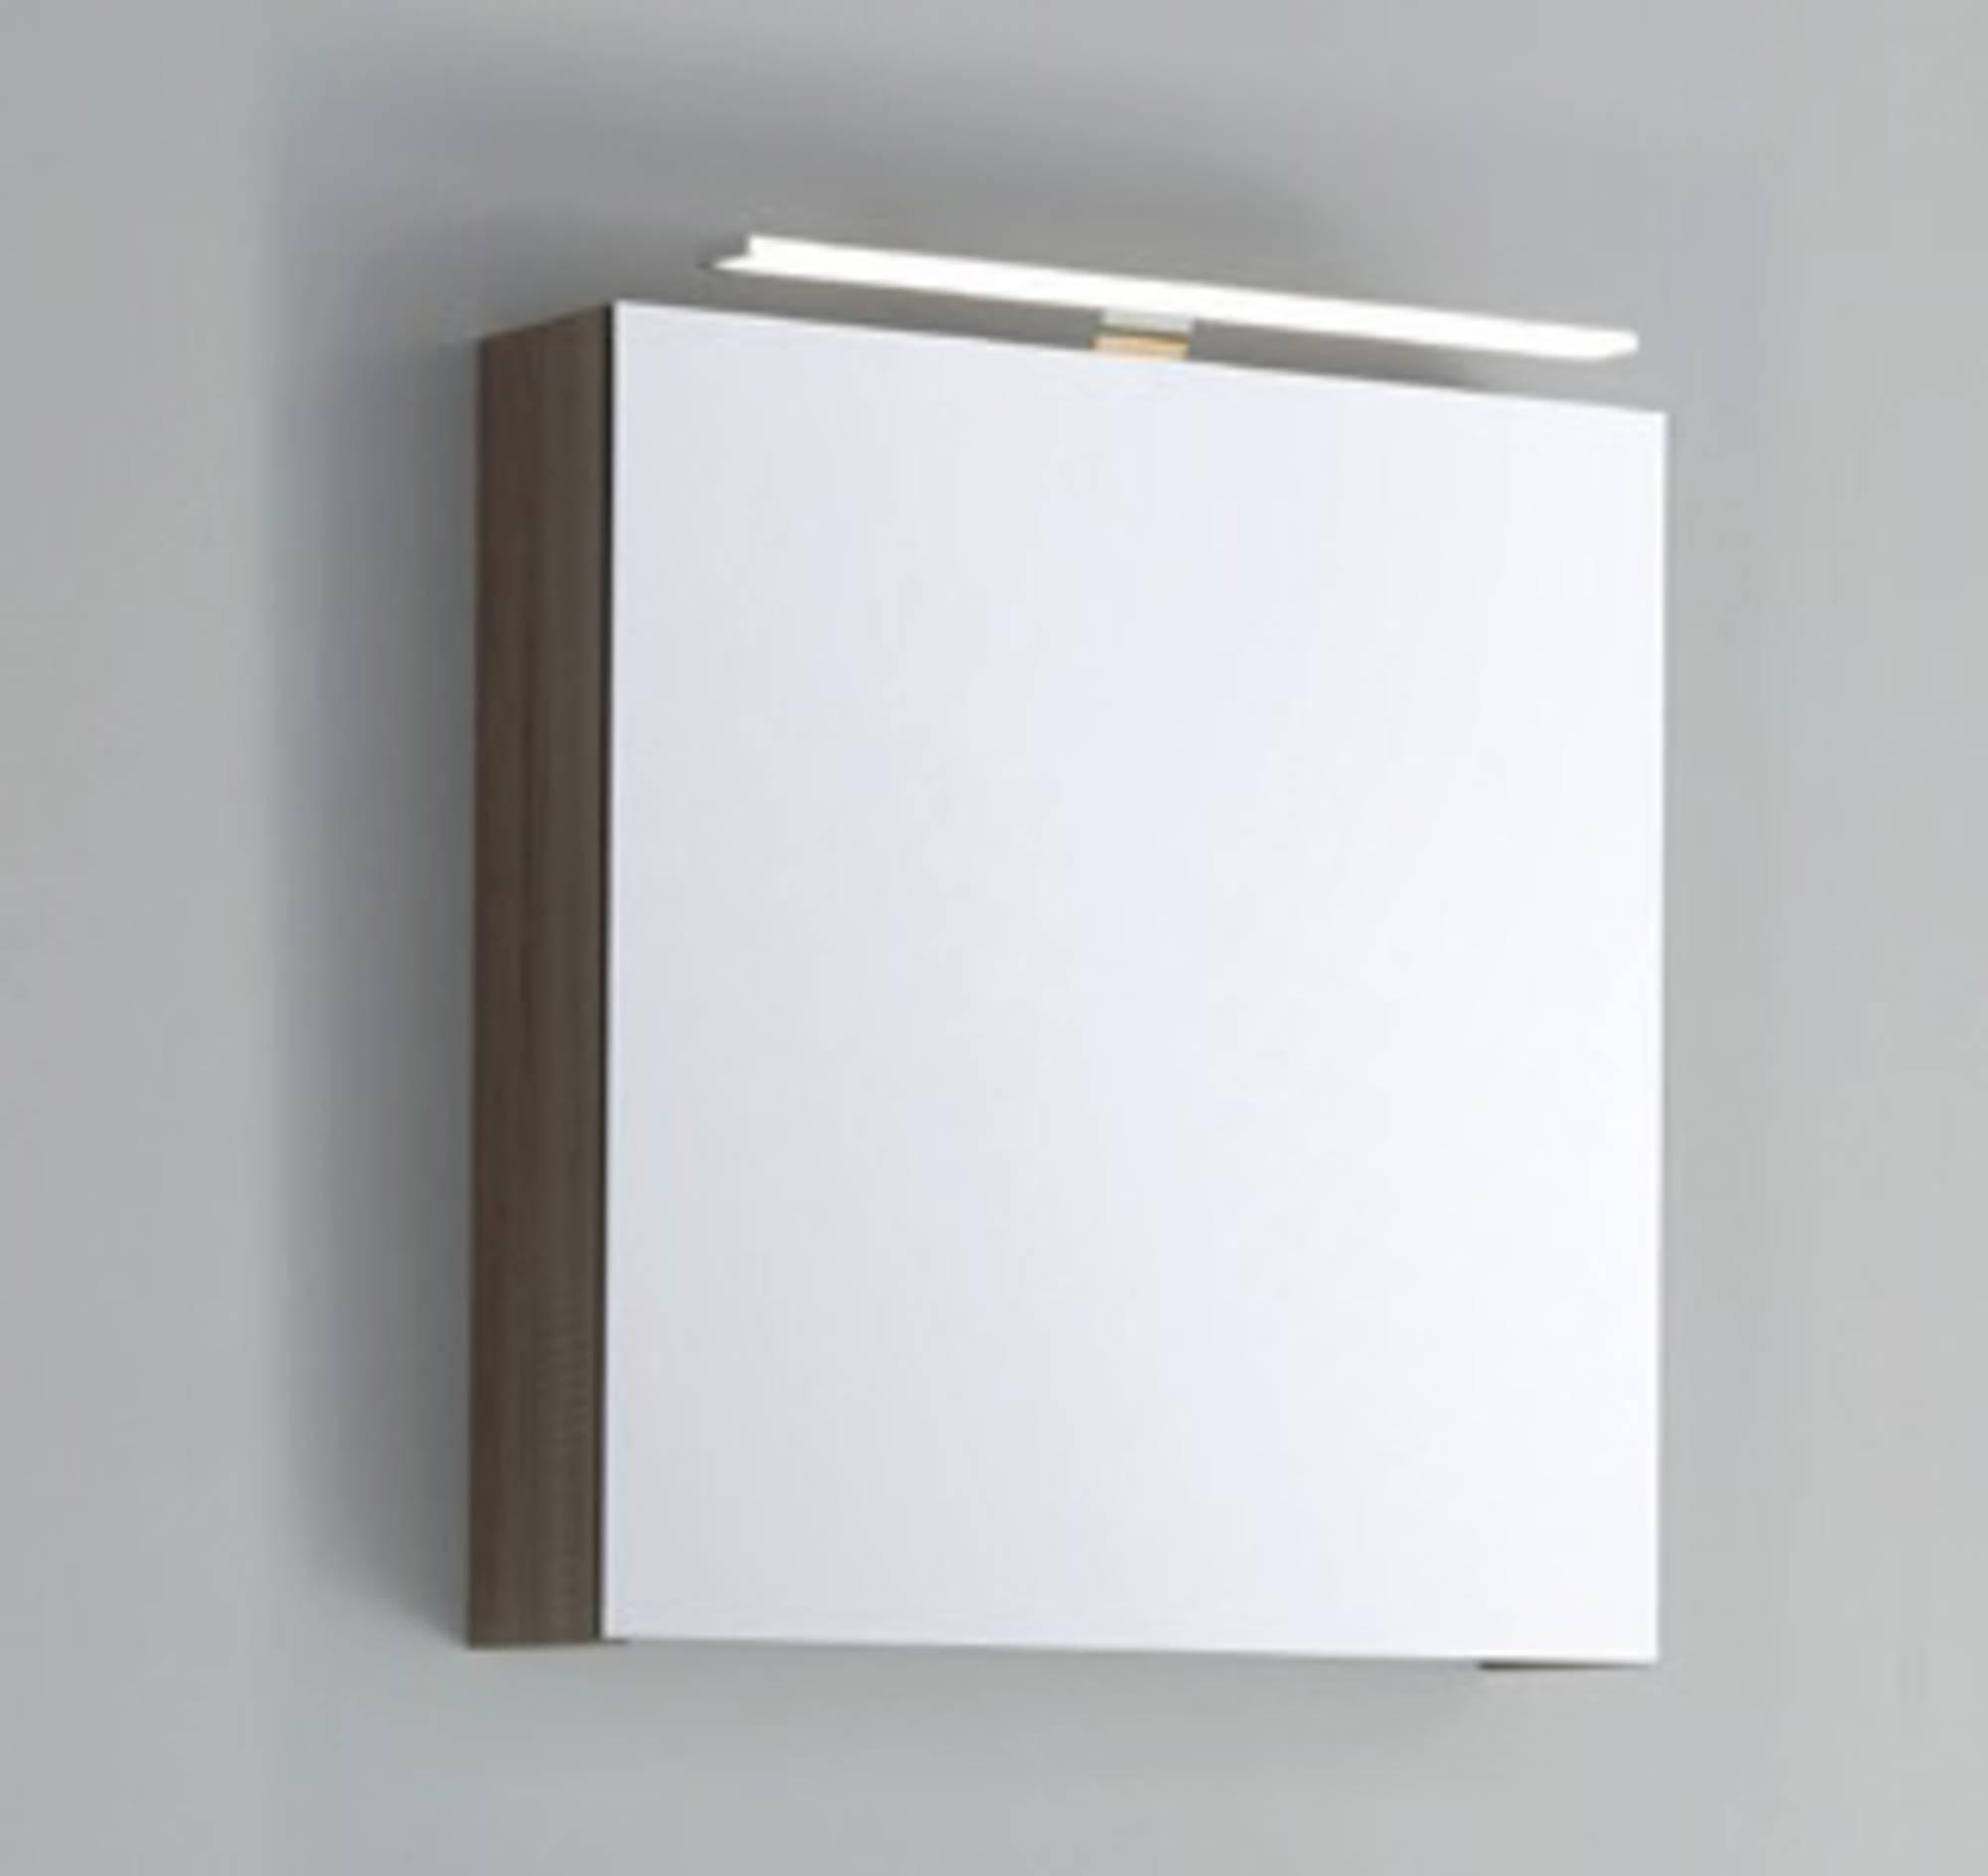 Line 45 Spiegelkast Rechtsdraaiend 60x13,5x60 cm excl. Verlichting Beton Zilver